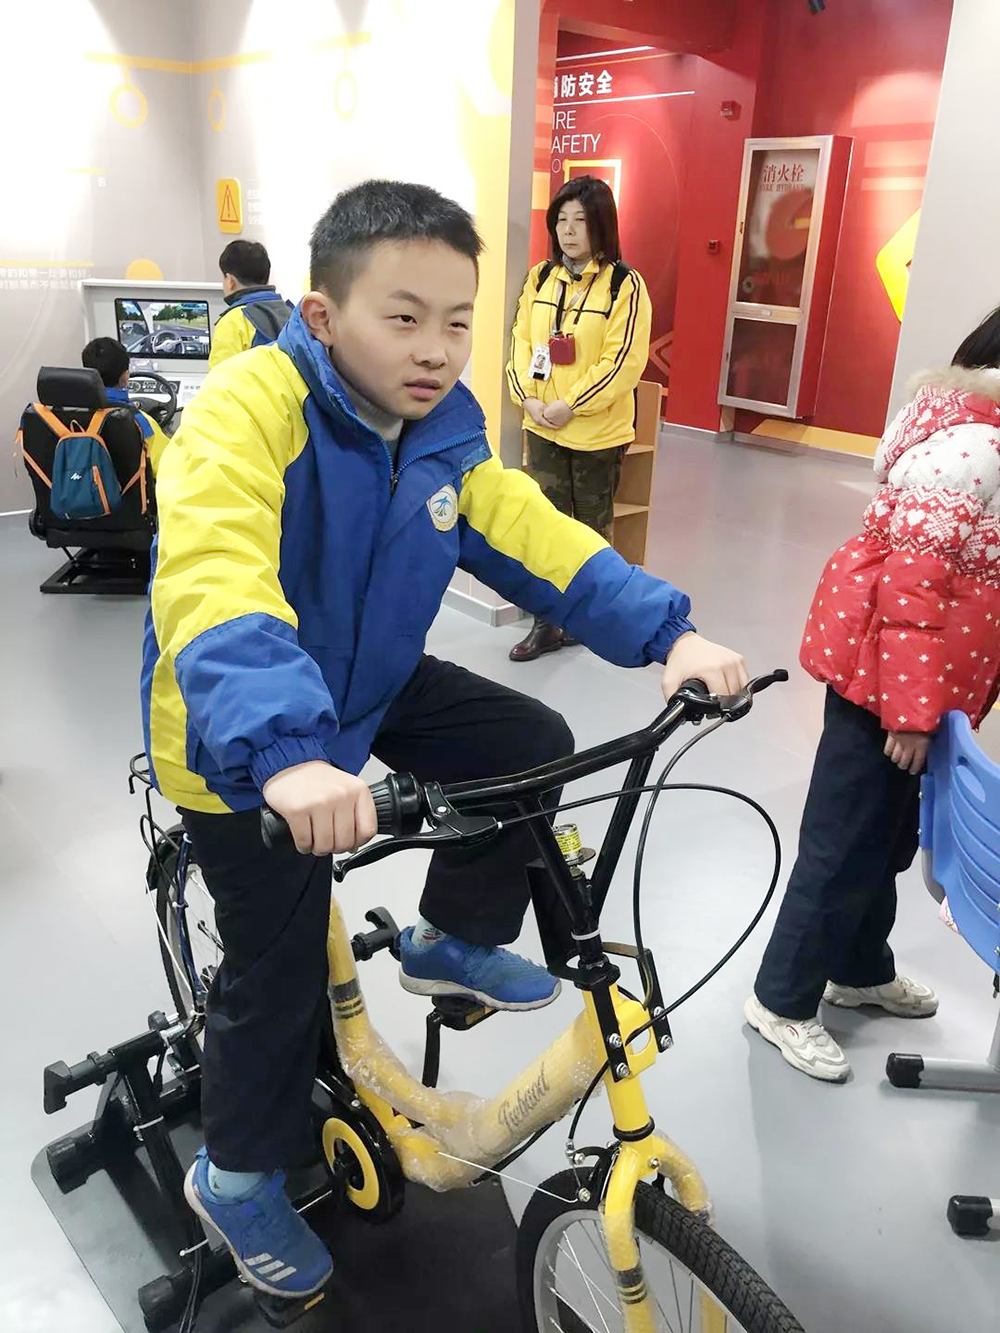 曹杨新村第六小学:与元代遗址密语,与职业生活对话